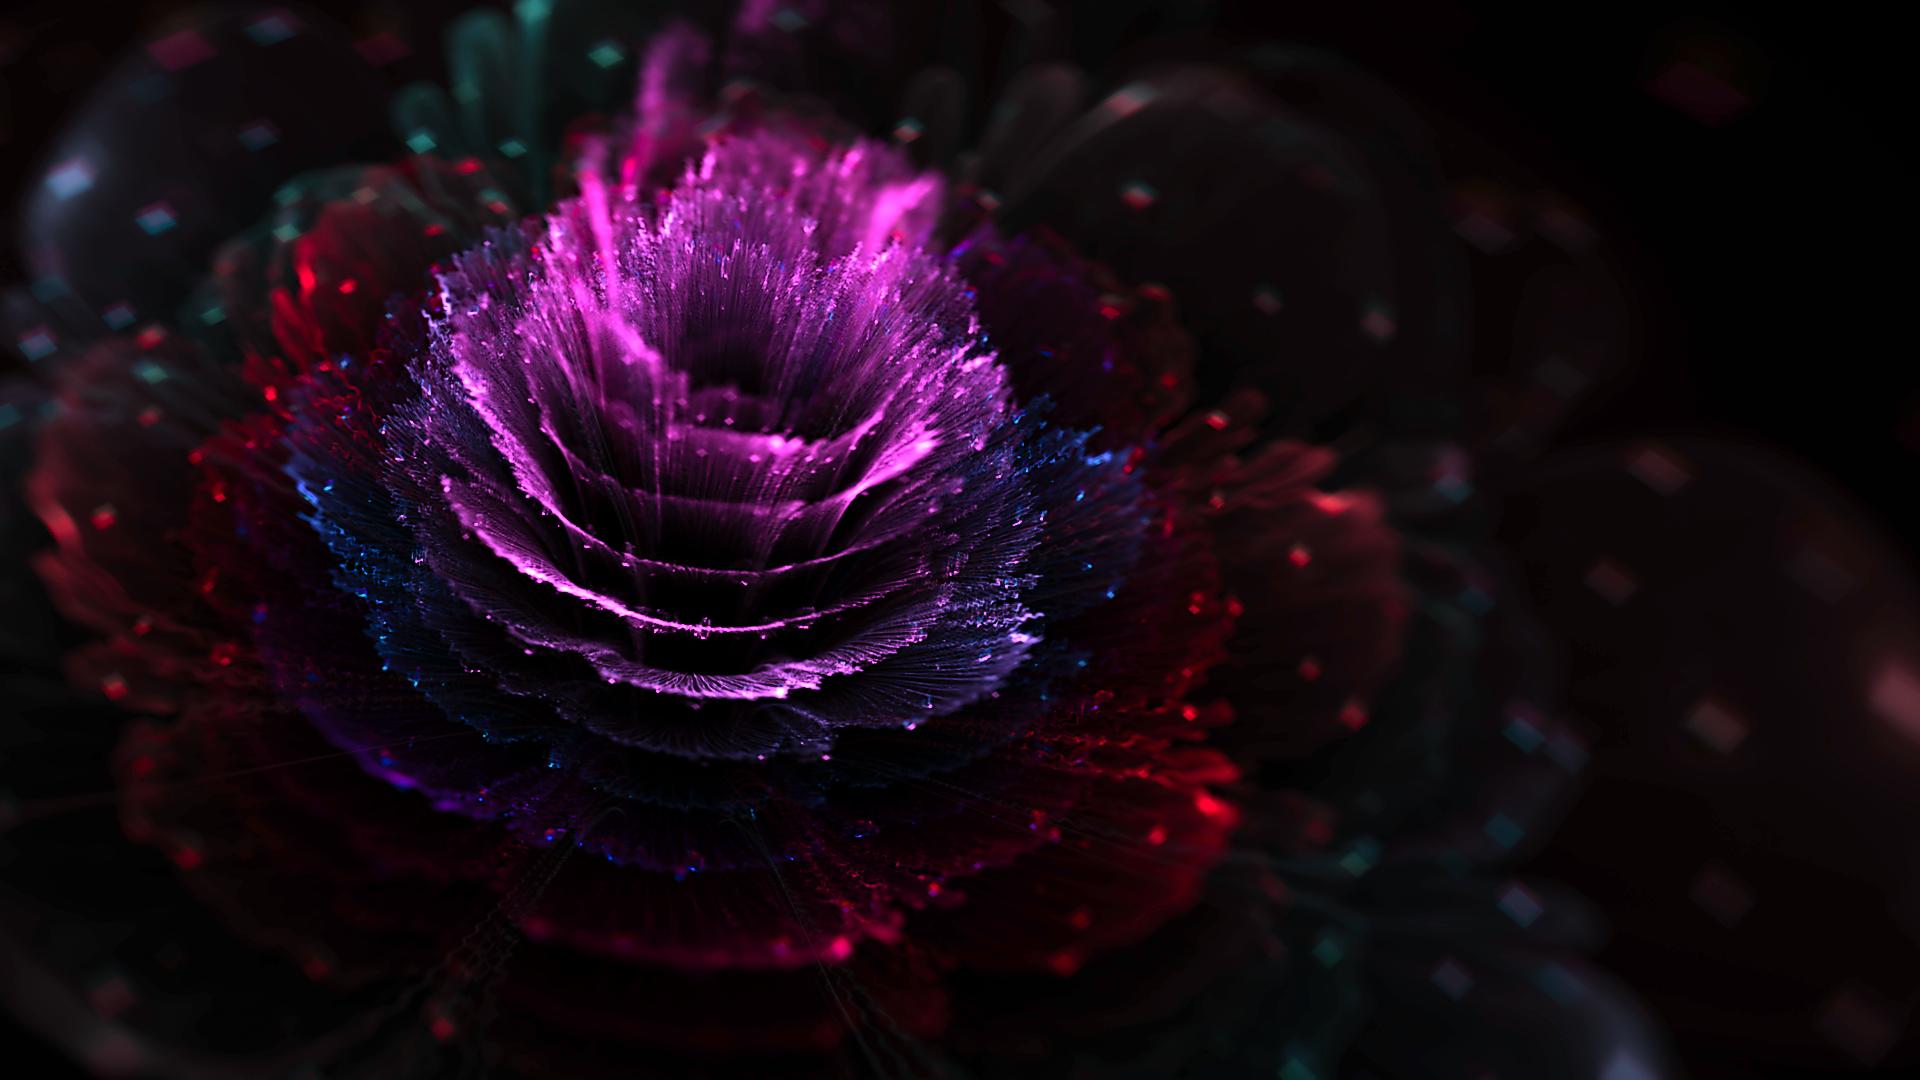 Темно-пурпурный цвет картинка